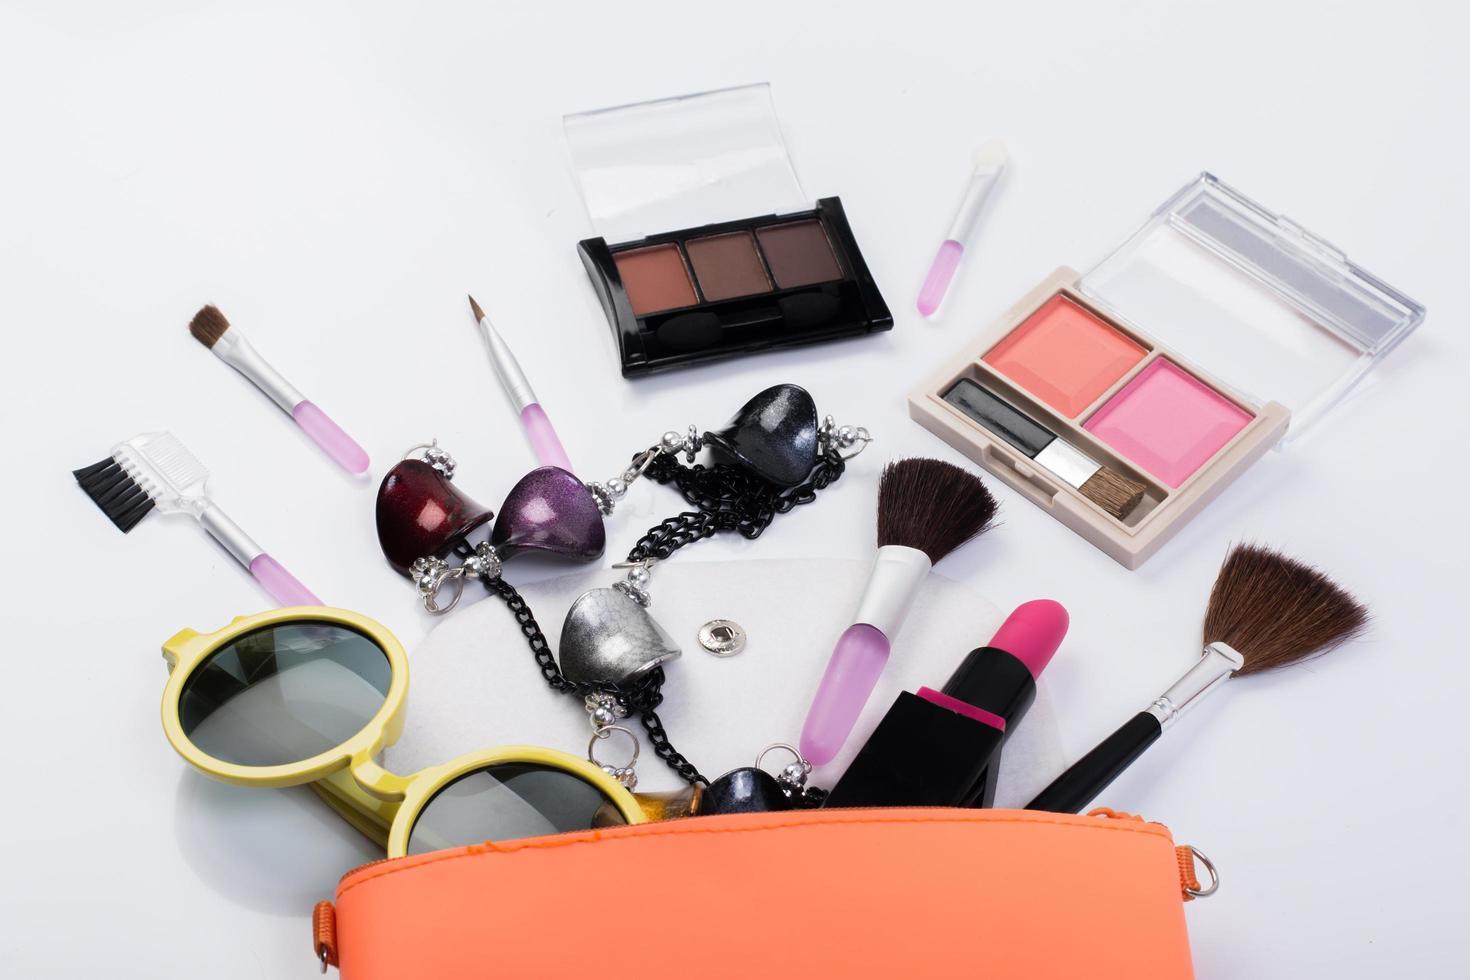 vista de cima de uma bolsa de maquiagem com produtos de beleza foto